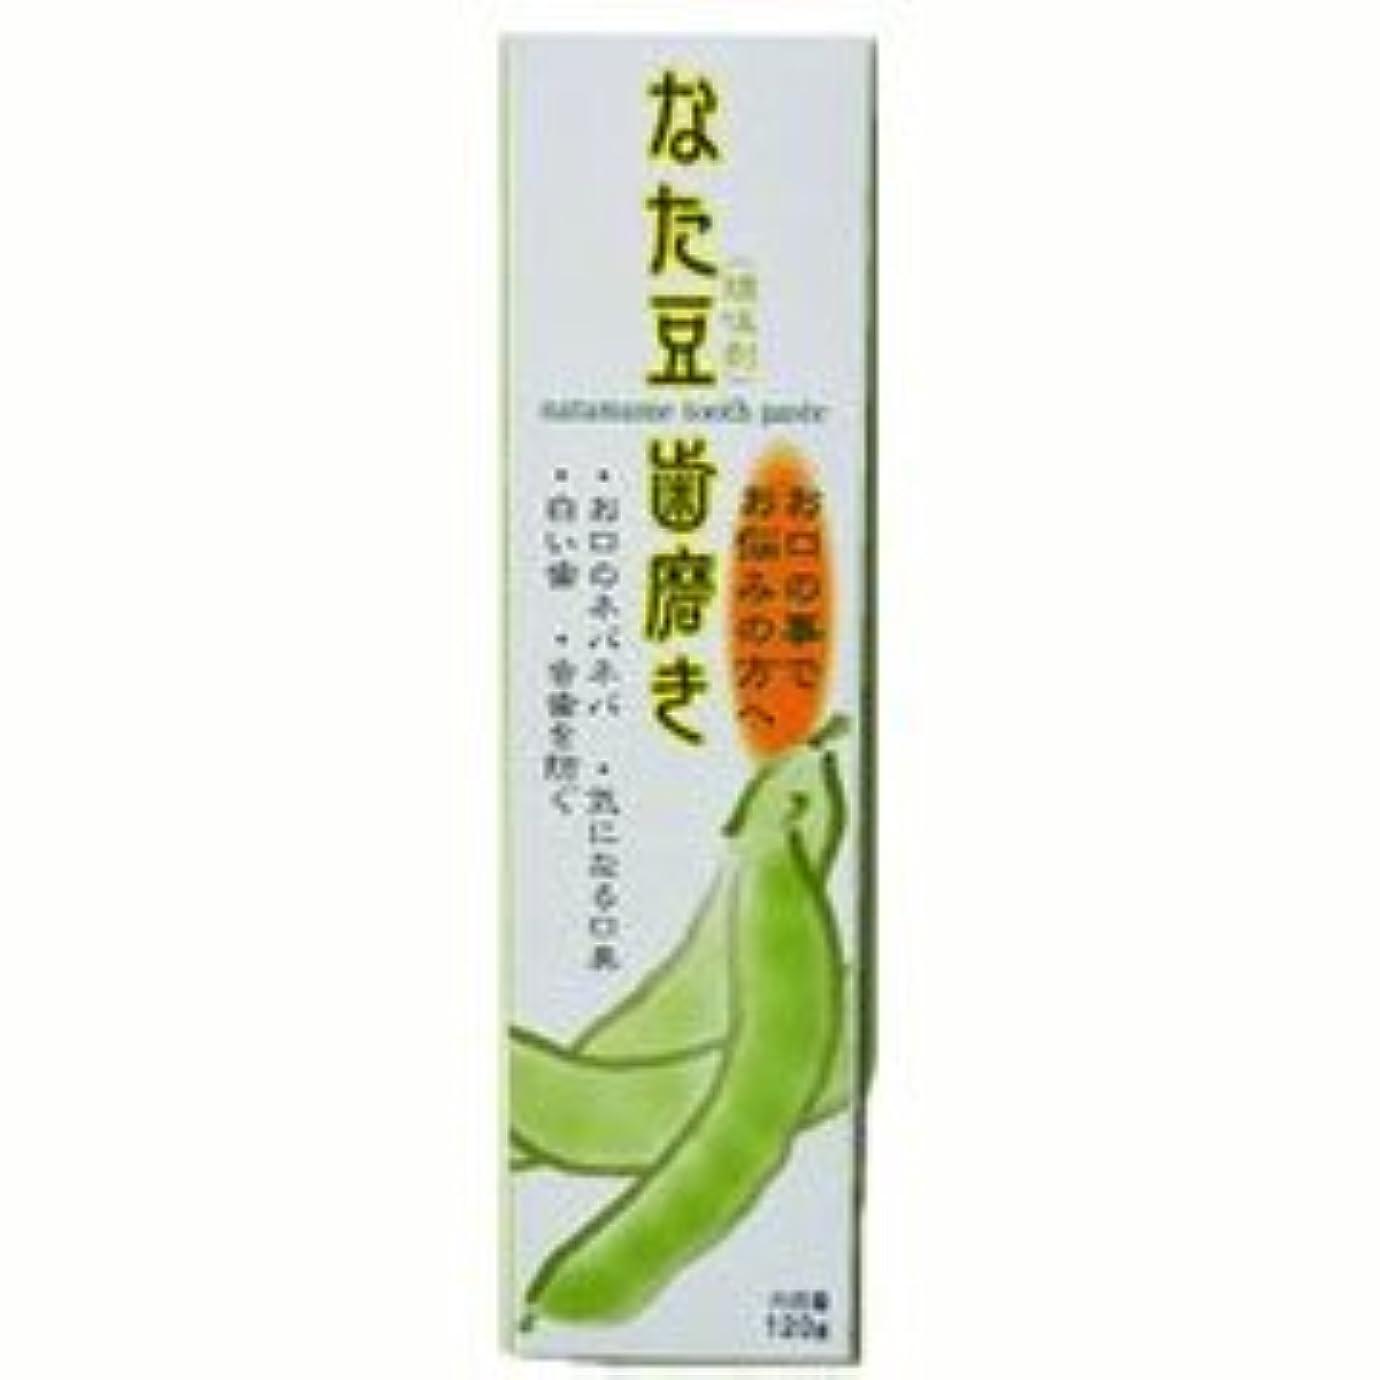 現代の選挙キャンパス【モルゲンロート】なた豆歯磨き 120g